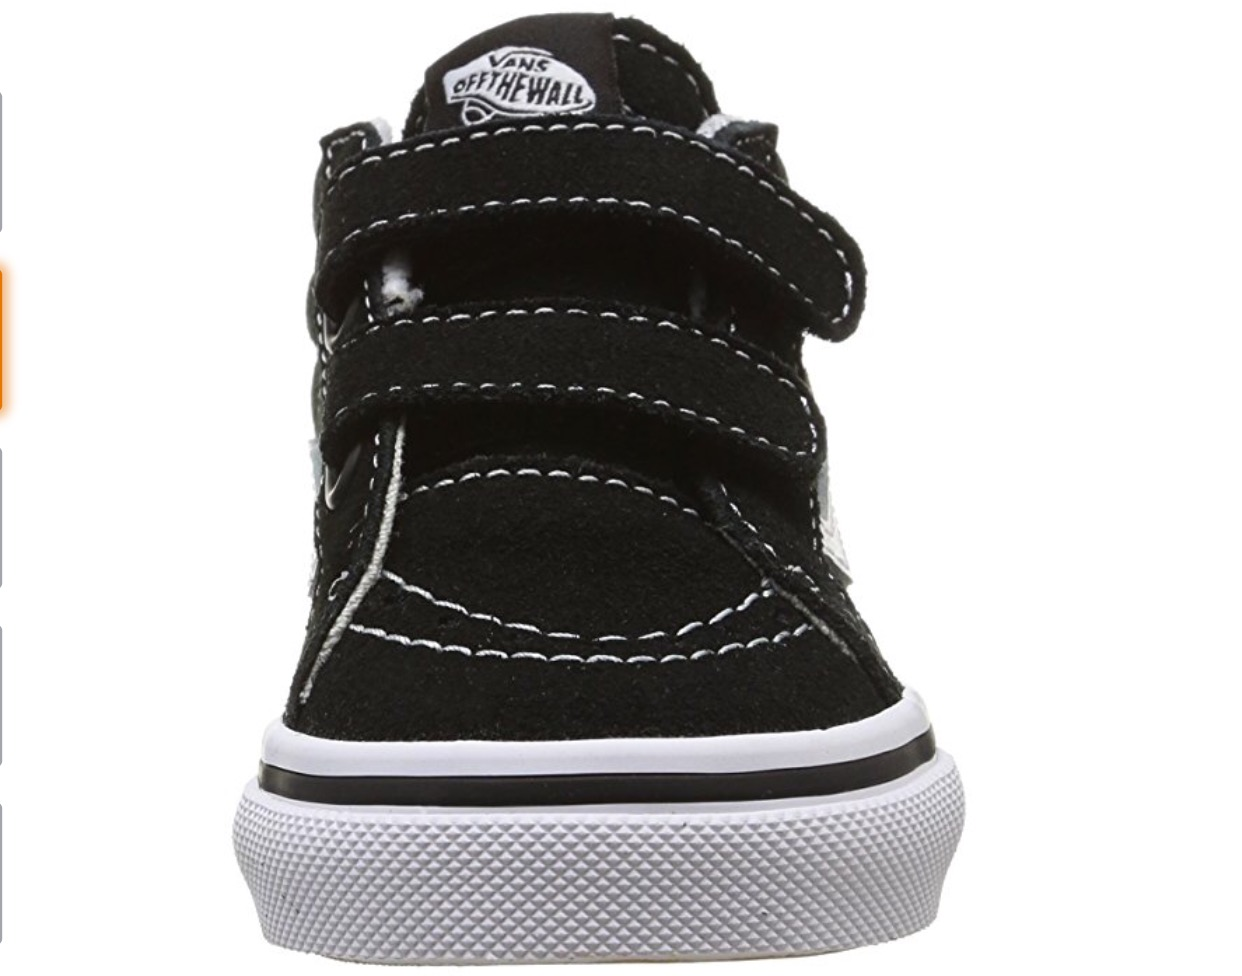 76f5355e86 Vans Toddler Sk8-Mid Reissue V Skate Shoe on Storenvy